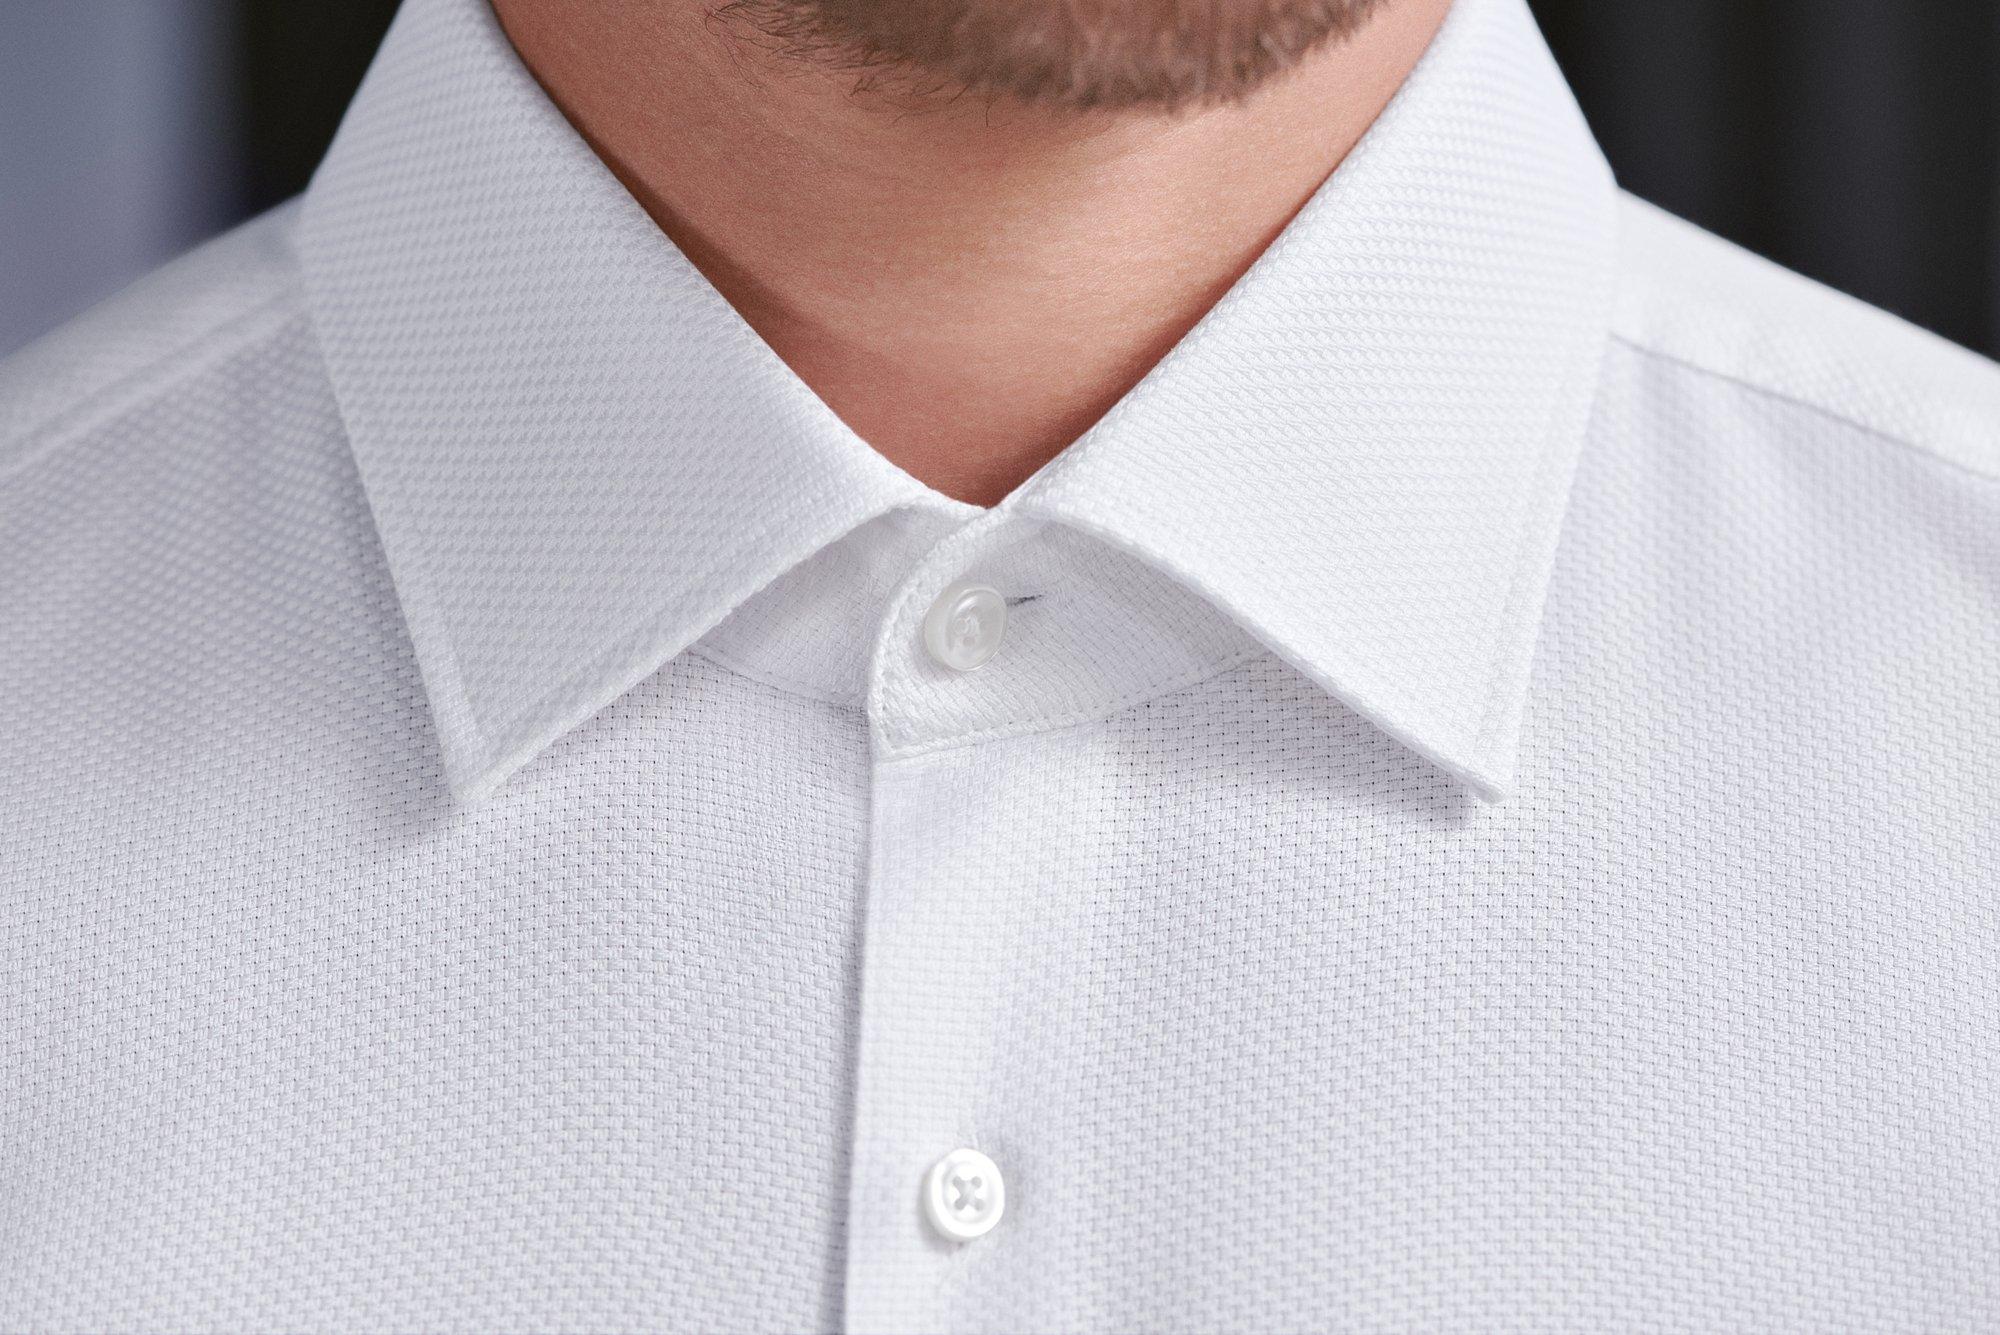 """从精致合身的衬衫到干净利落的配饰,BOSS为你的""""完美""""之路增添一抹鲜明的态度"""